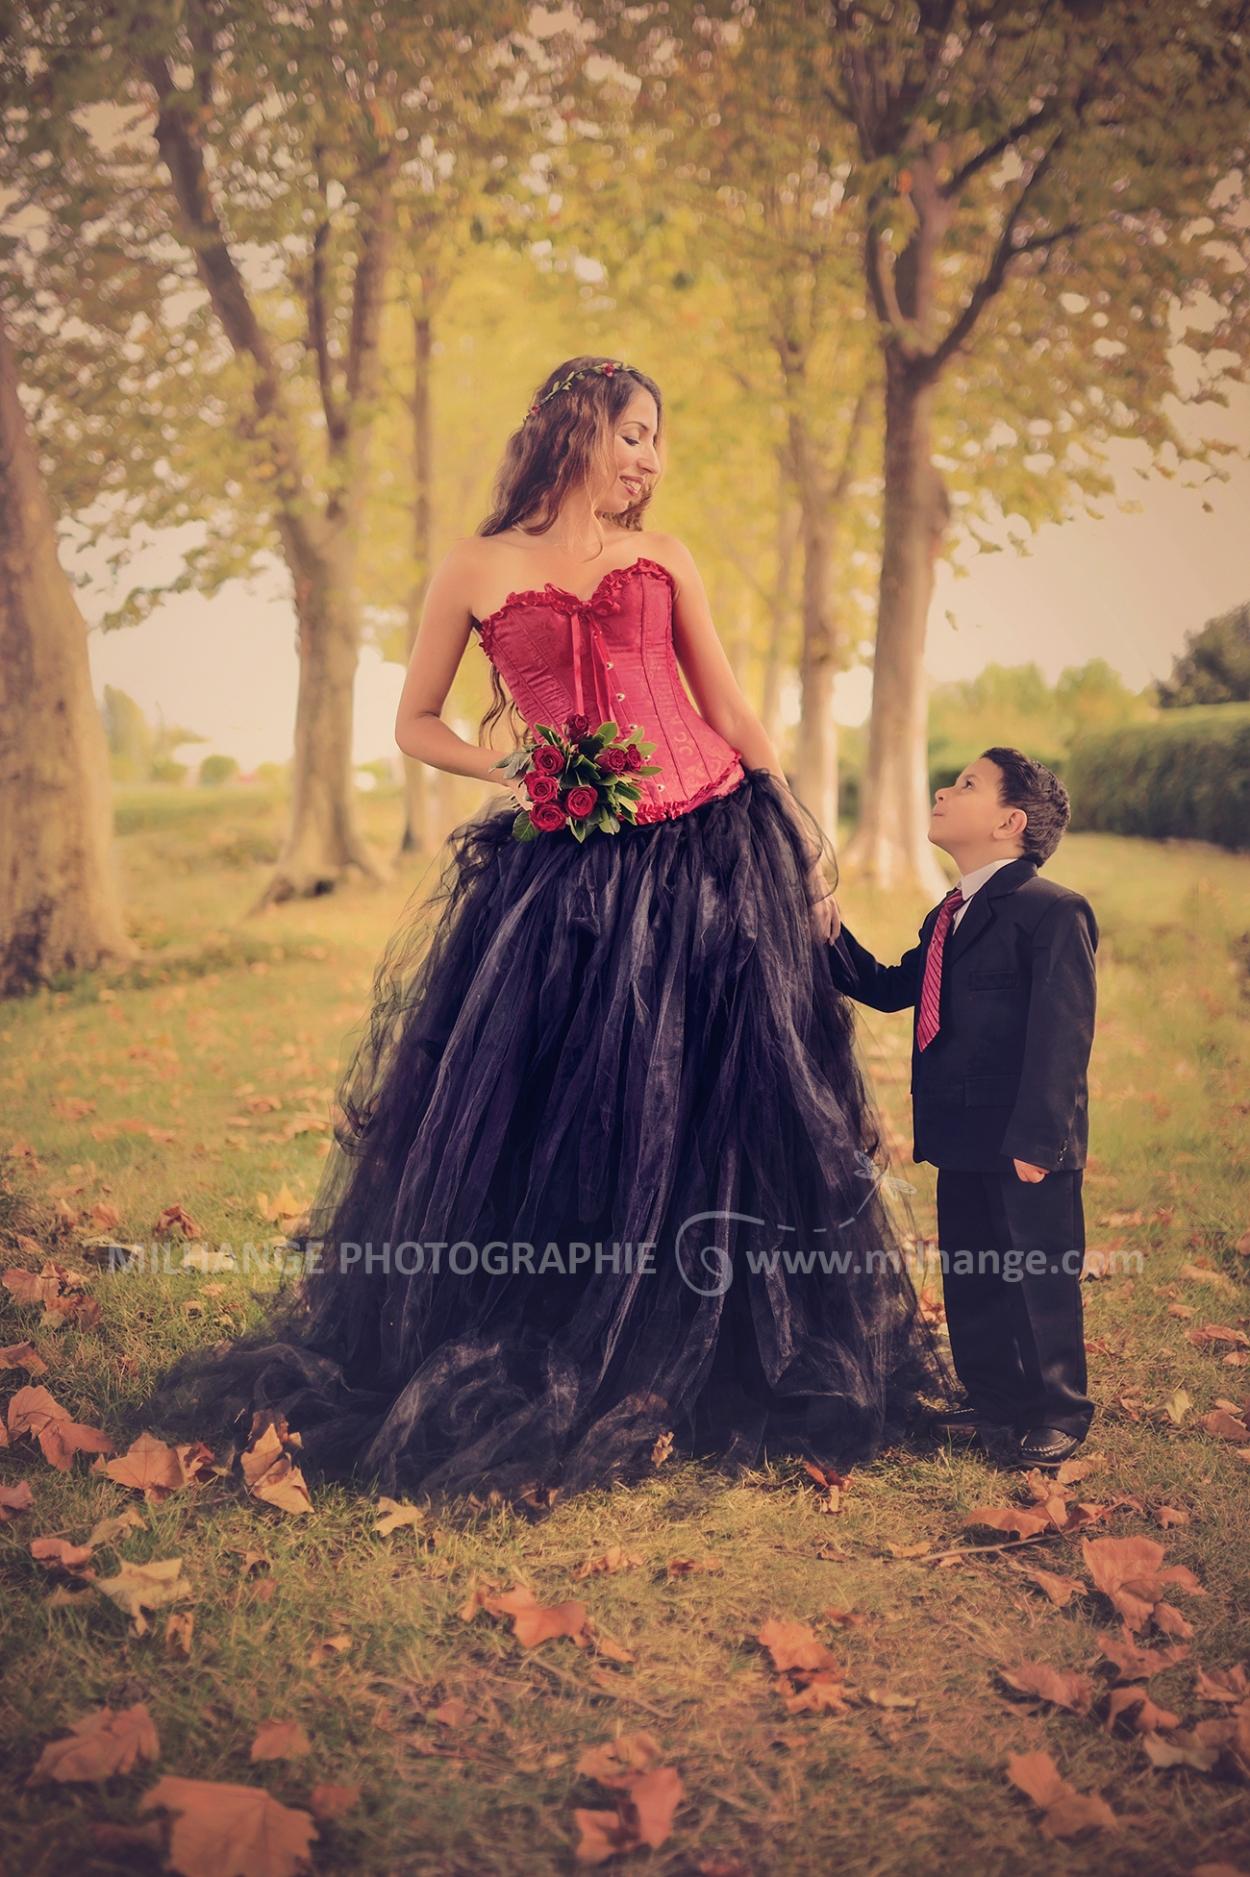 photo-parent-enfant-mere-fils-amour-bordeaux-libourne-gironde-3